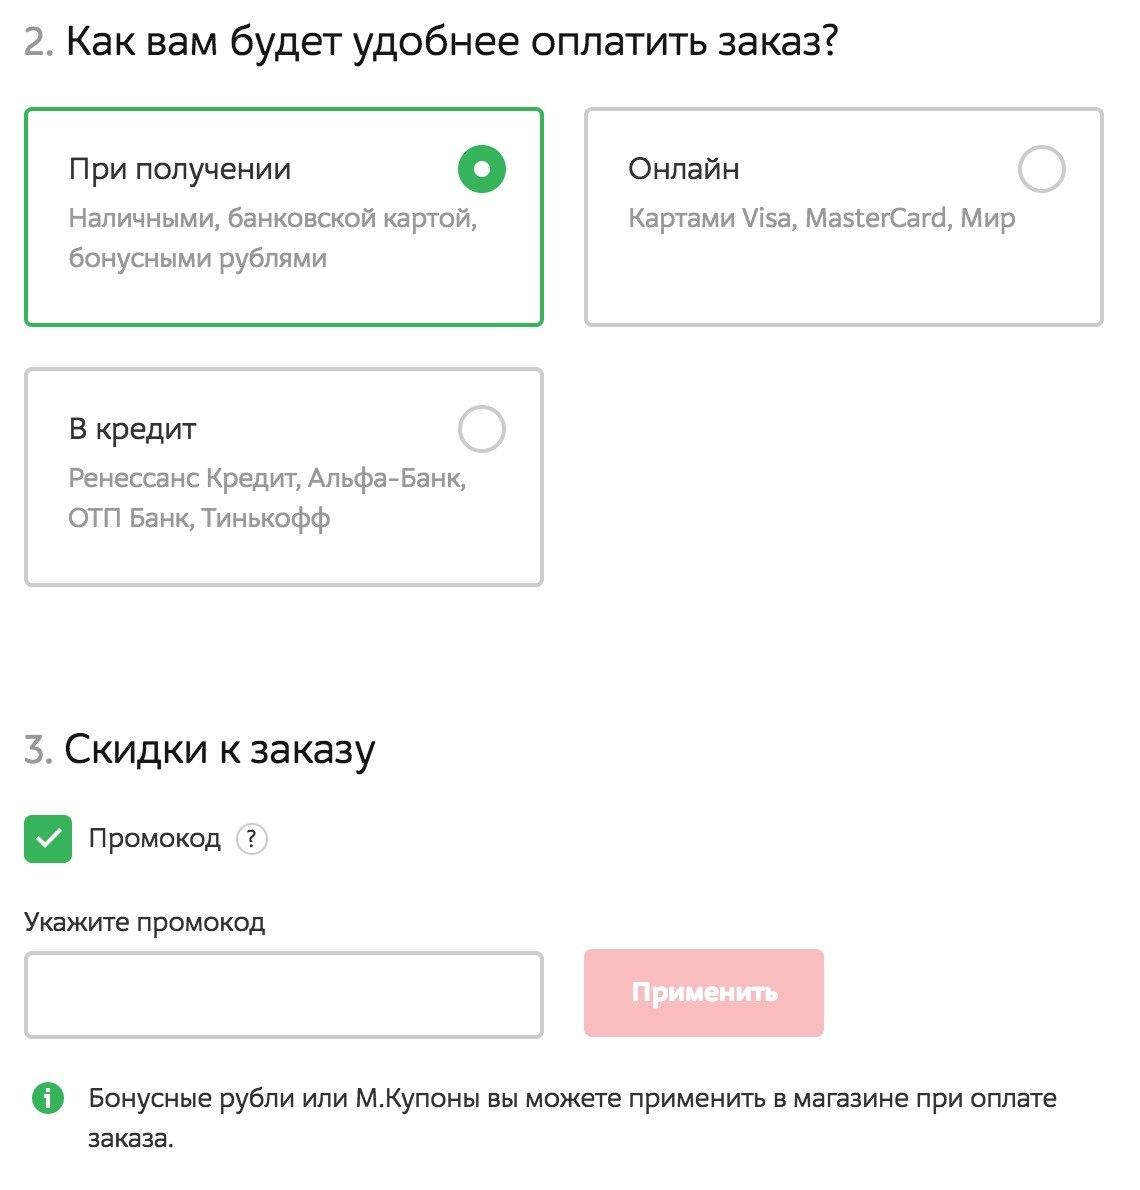 винлайн промокод при регистрации сентябрь 2020 Undefined